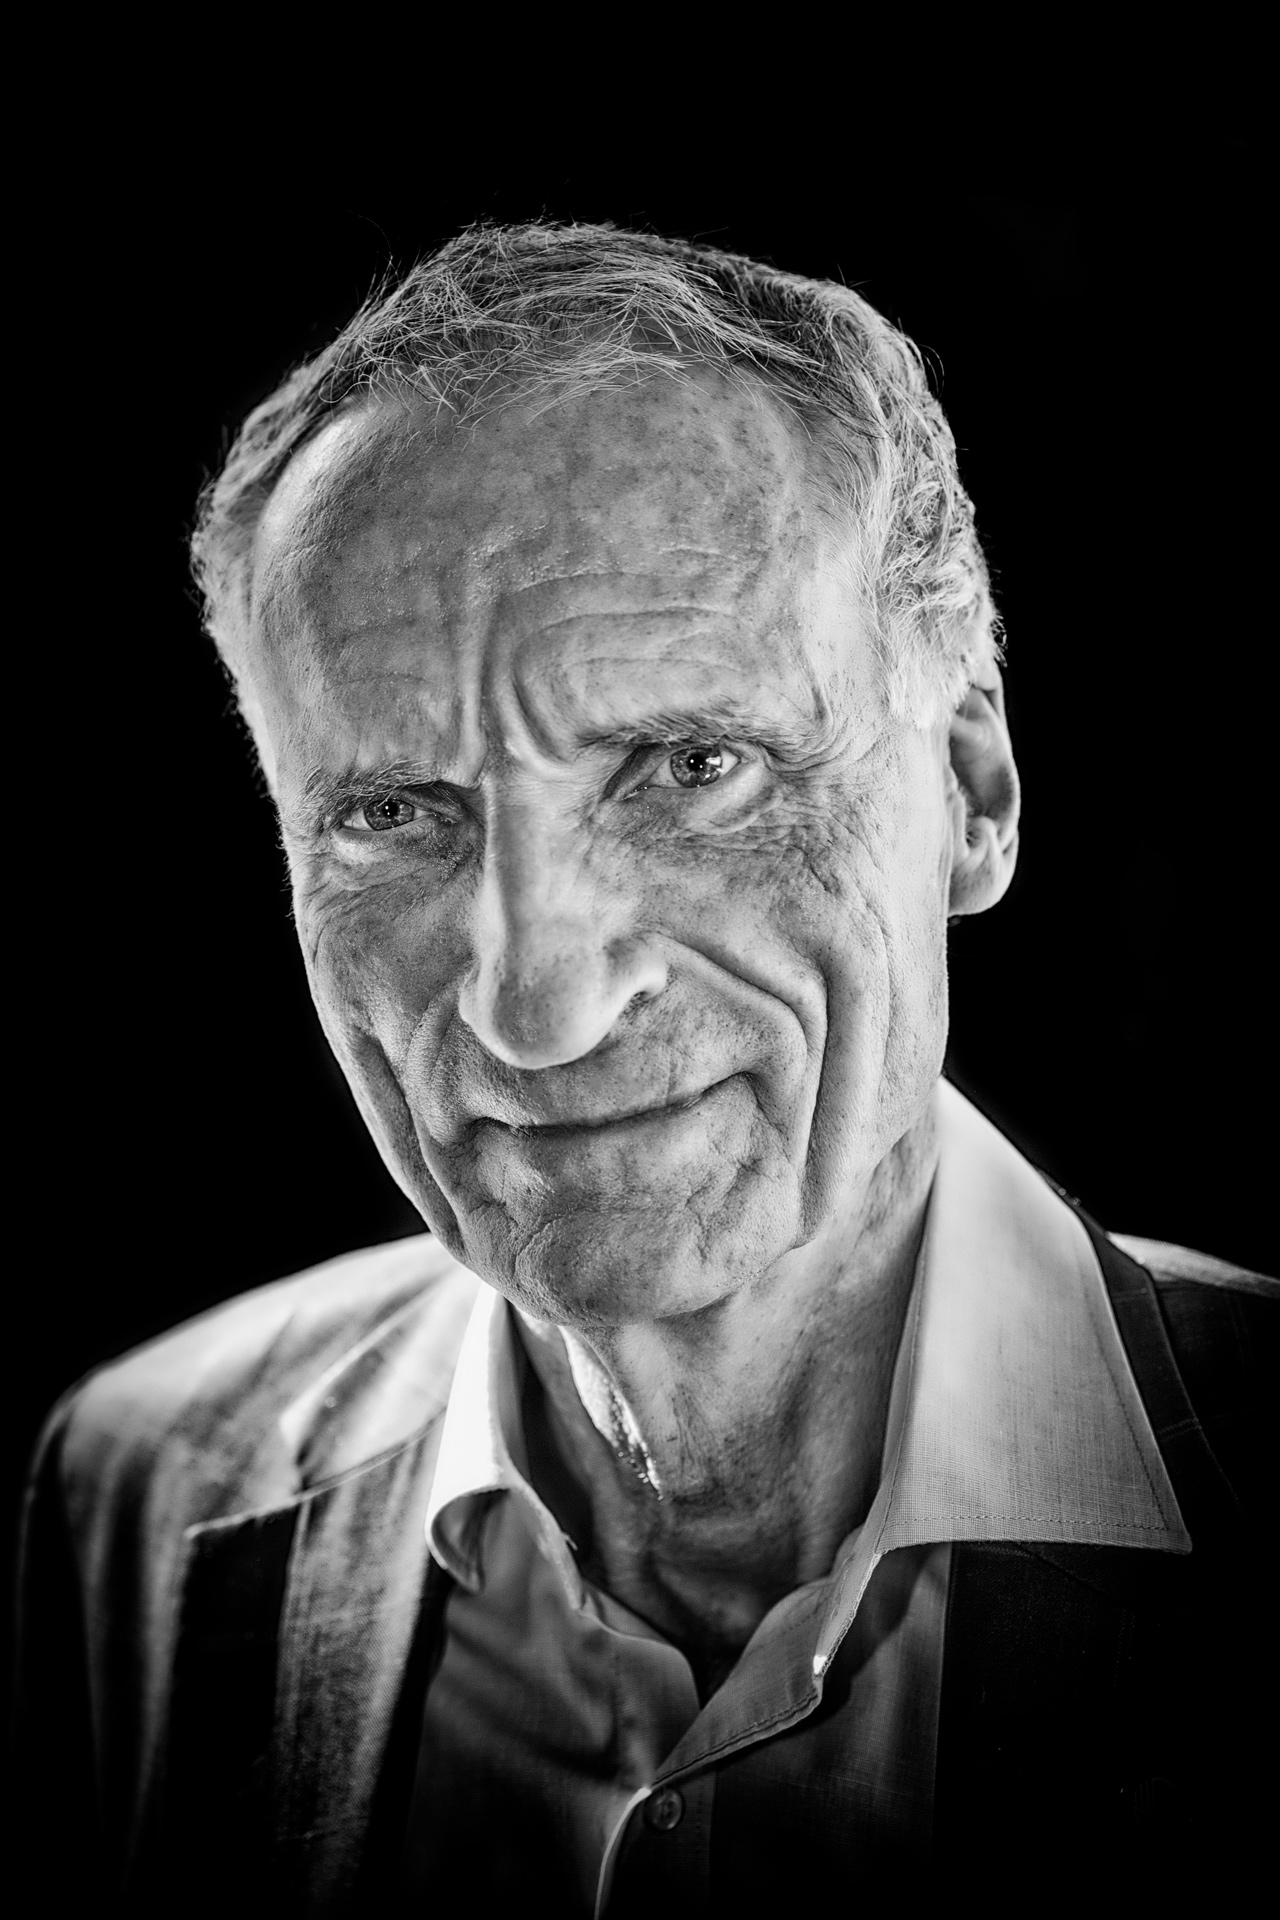 Bertel Haarder, Portrætfotograf, minister, folketinget, københavn